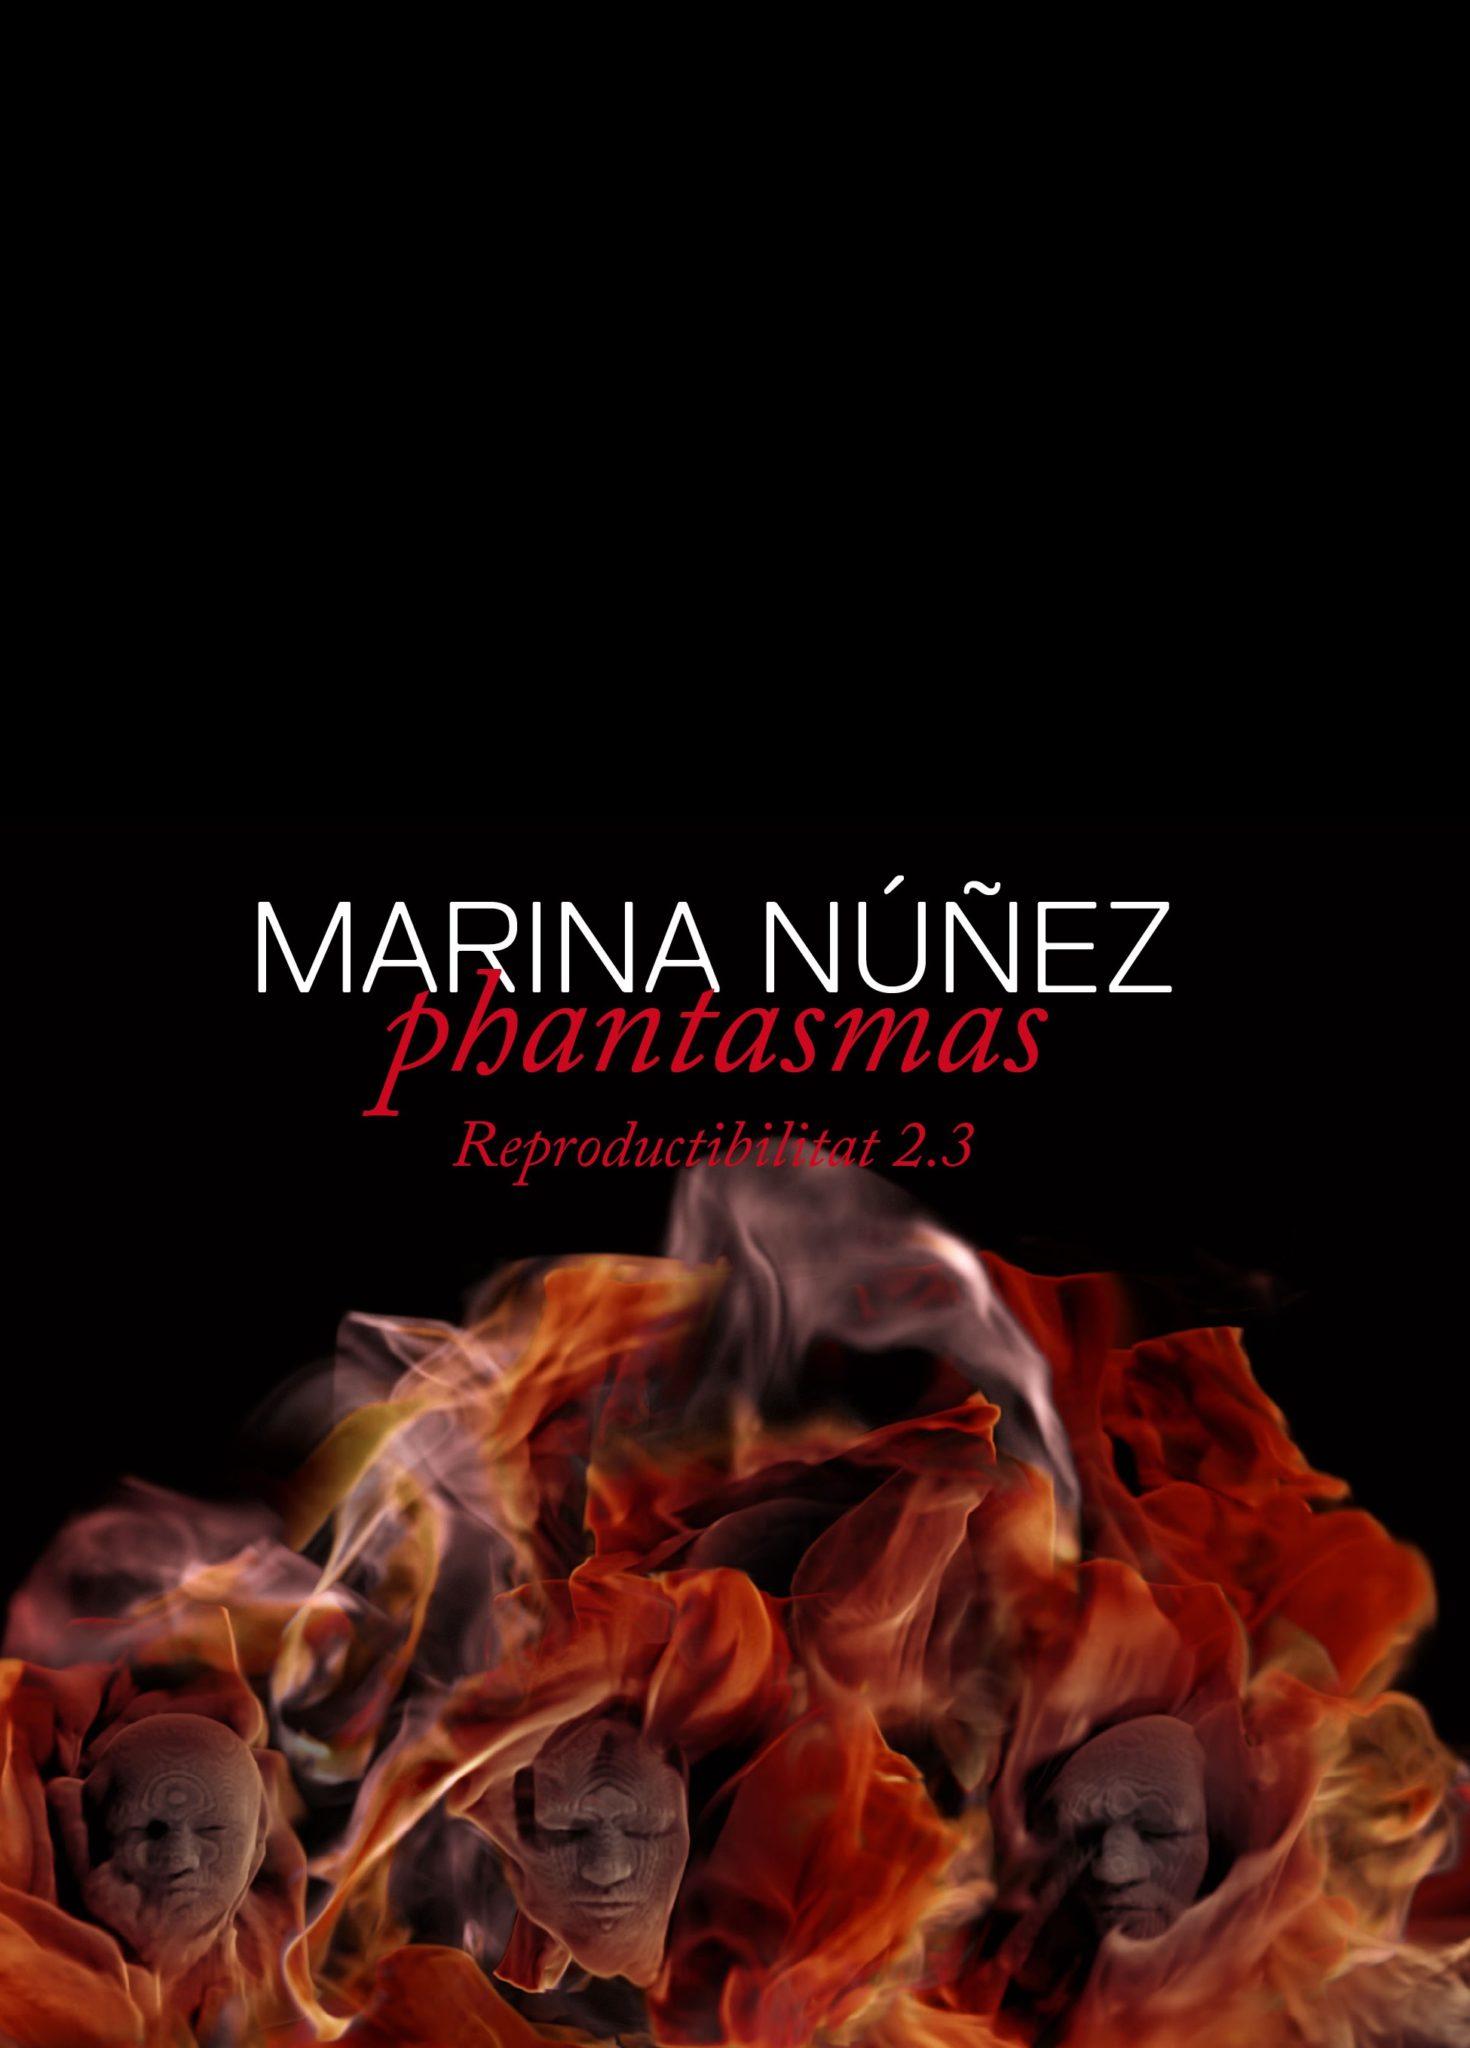 Marina Núñez. Phantasmas Reproductibilitat 2.3.